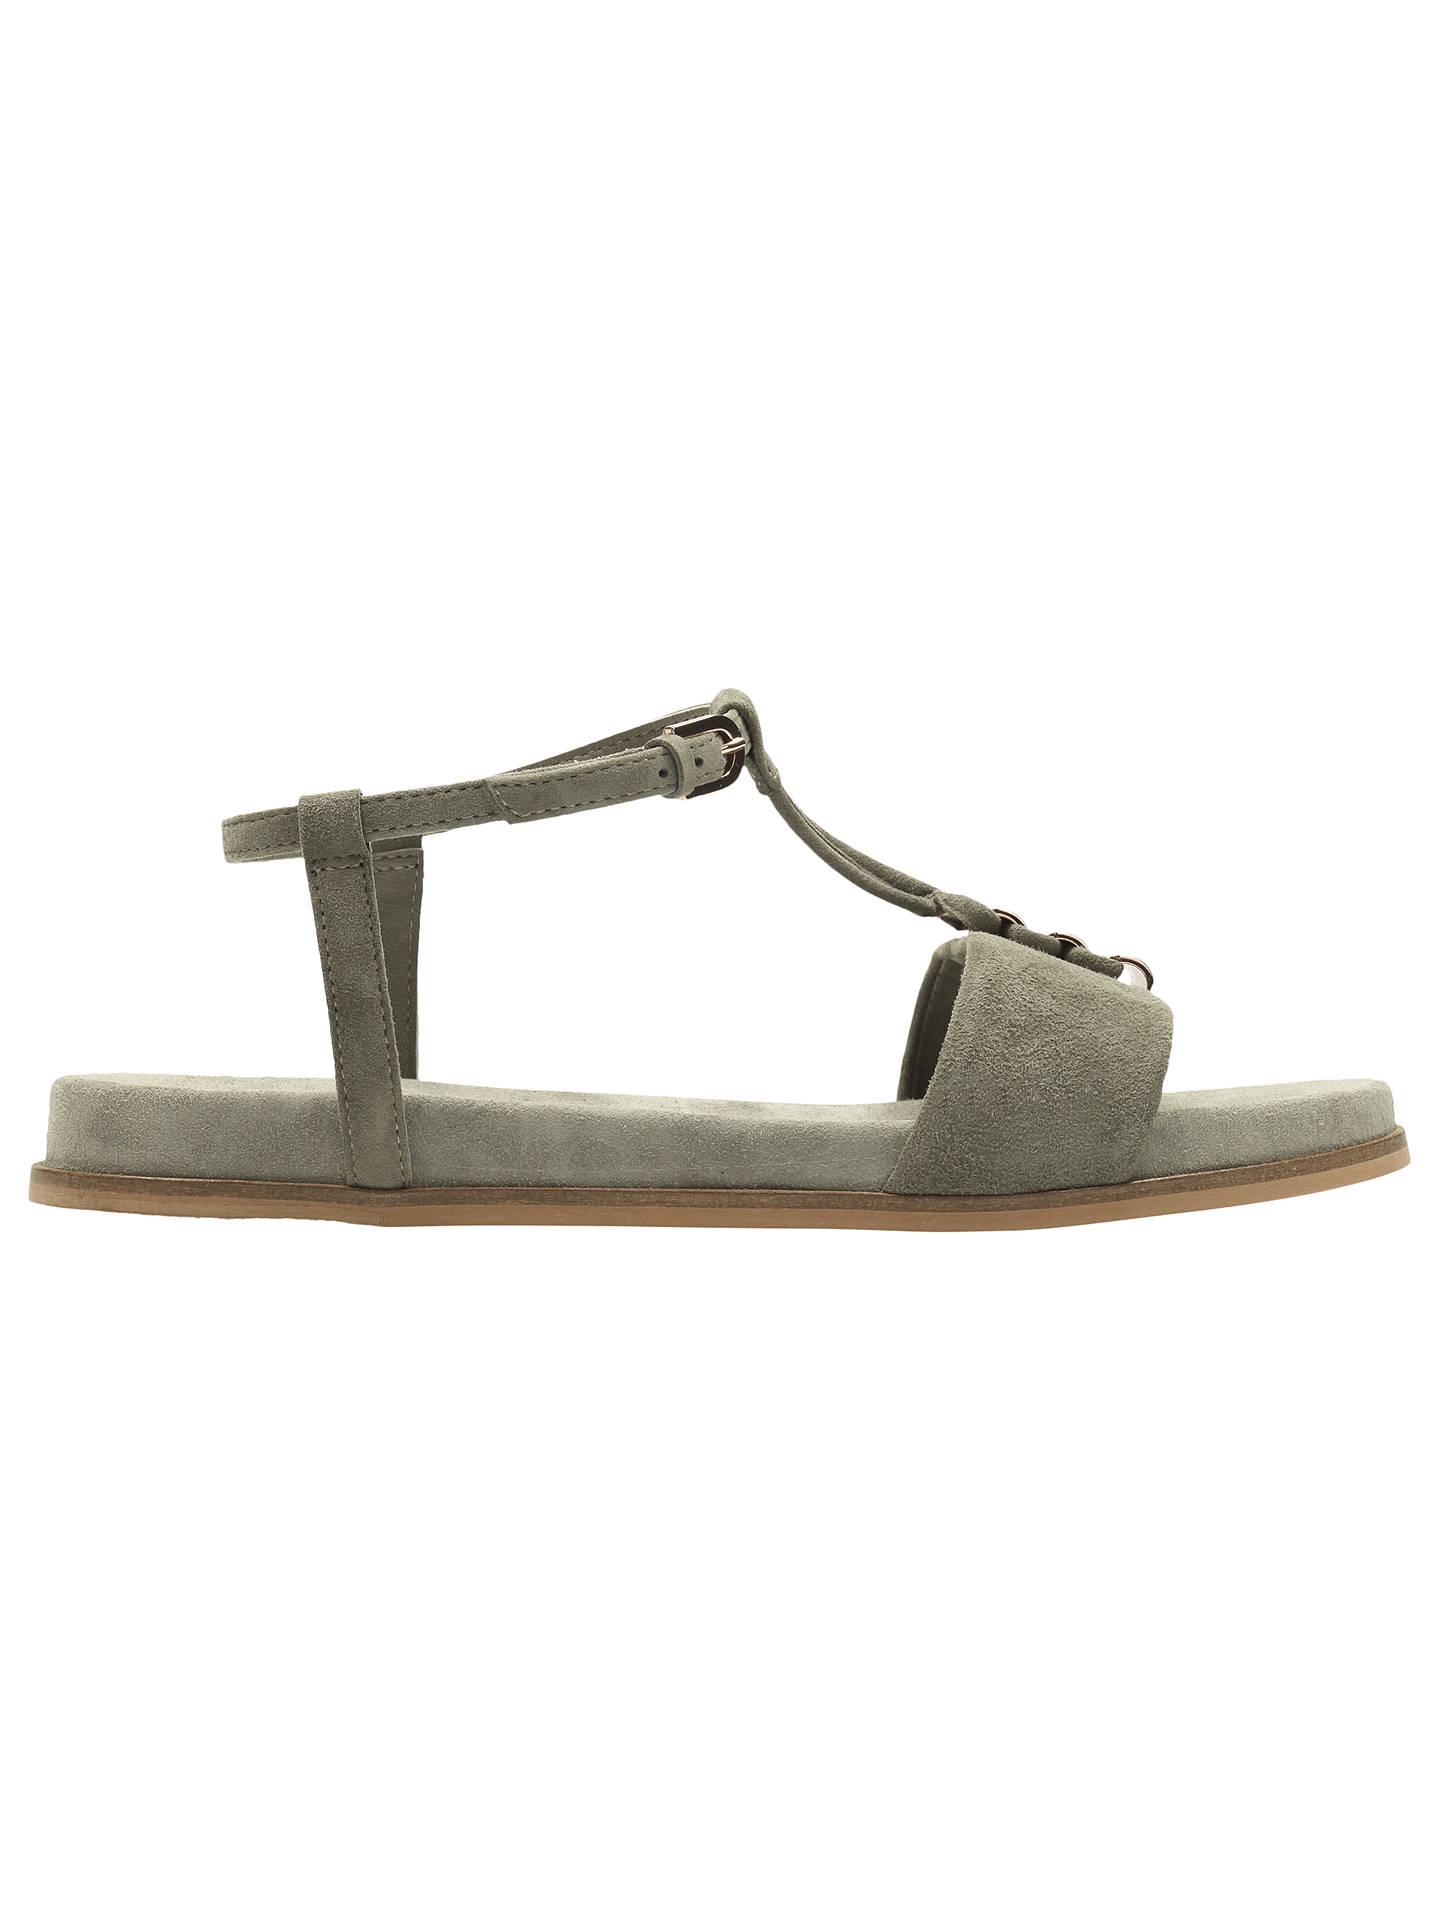 f447af6a652 Buy Clarks Agean Cool Sandals